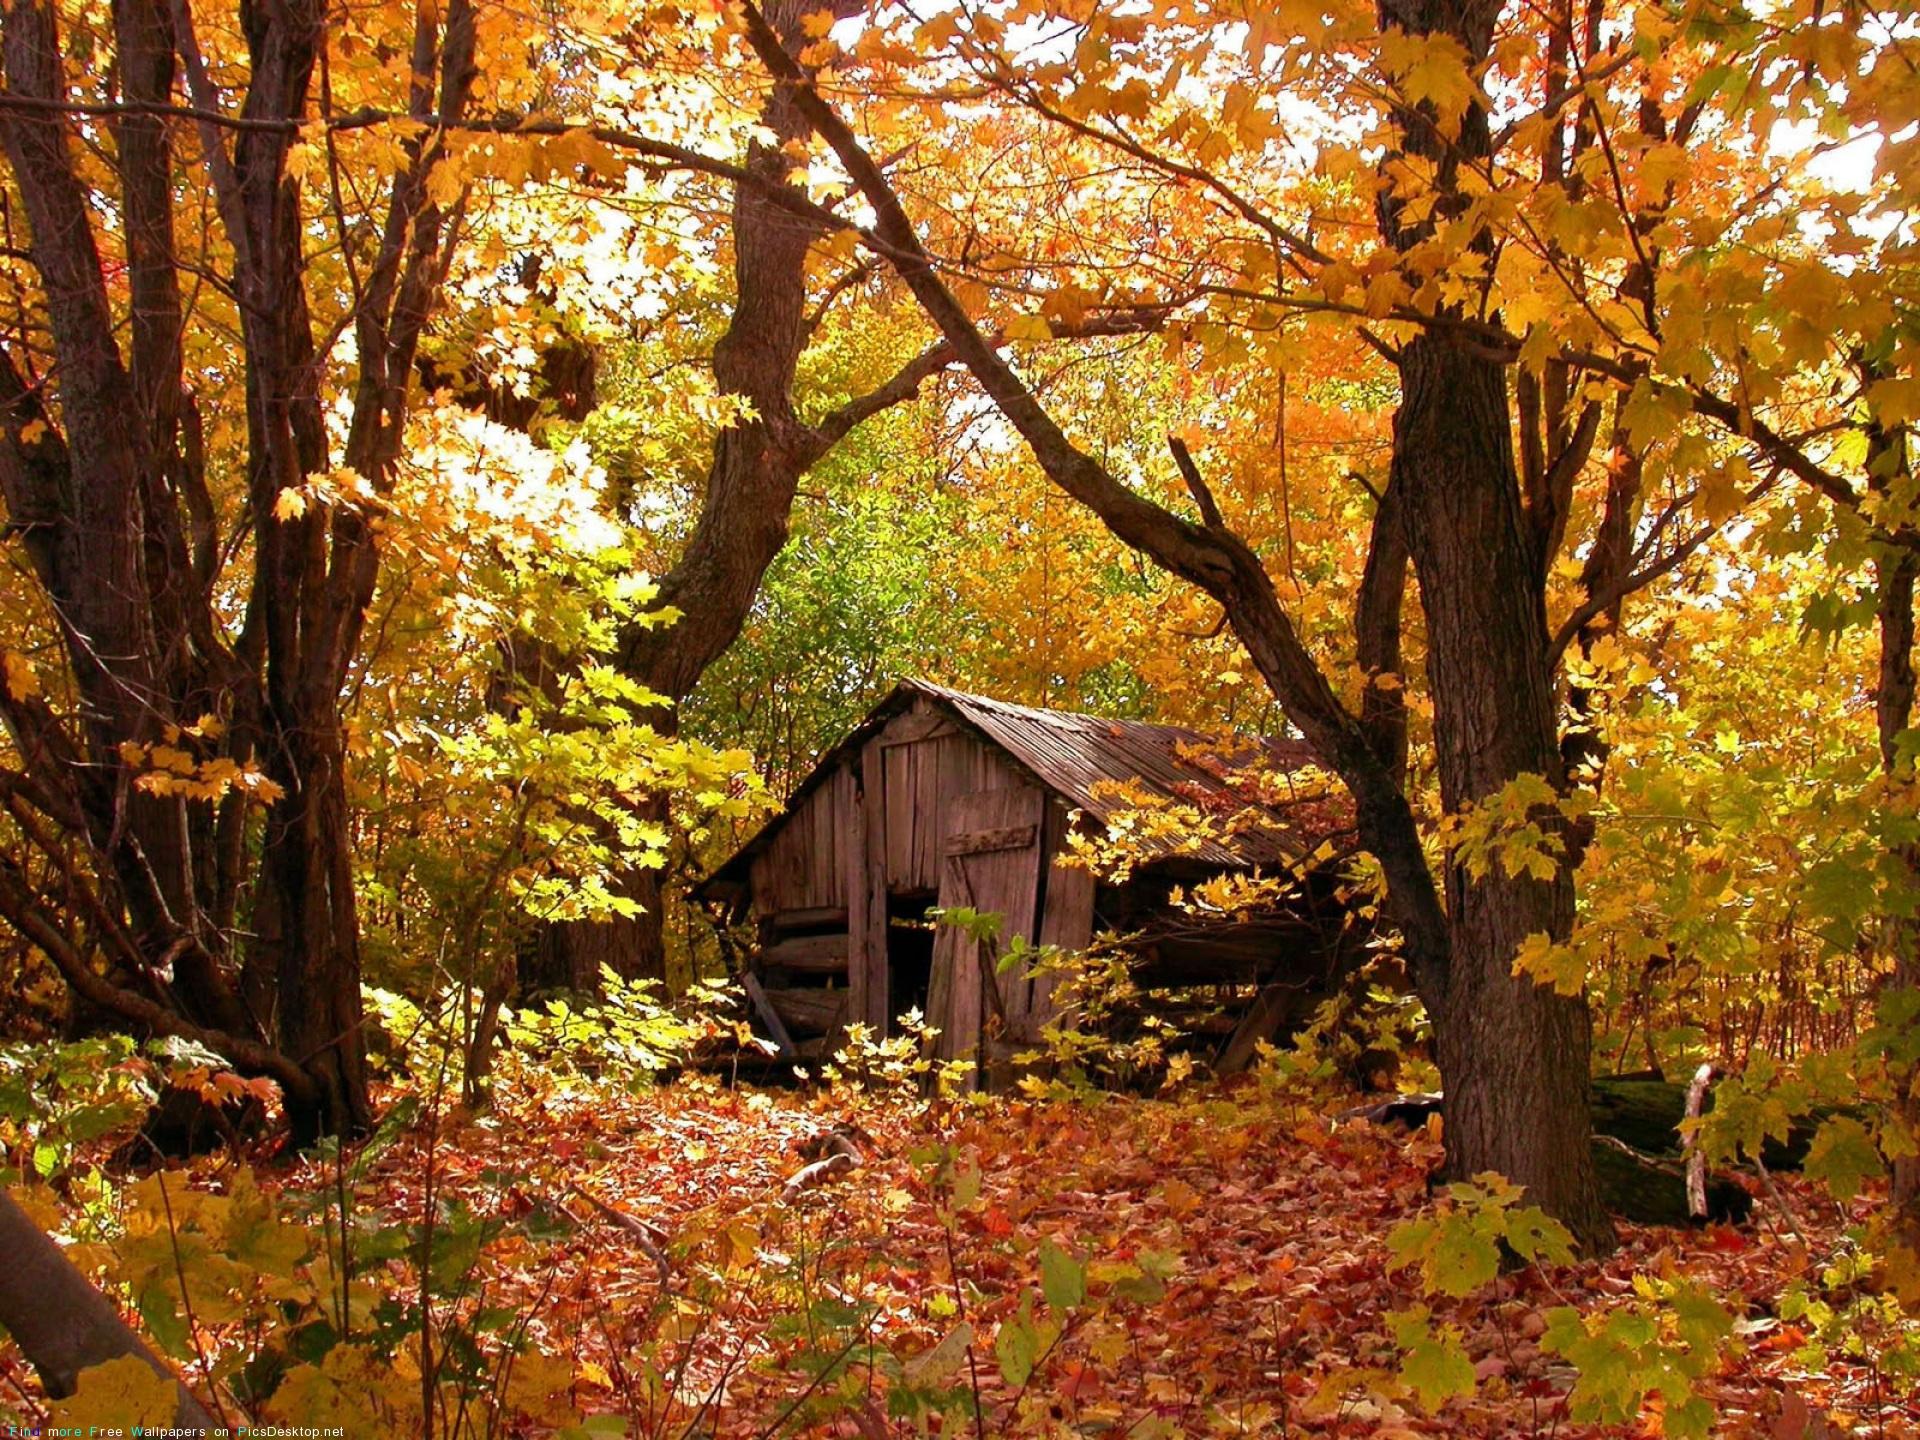 Заброшенный дом, лес, осень, природа 1600х1200 - Обои для рабочего